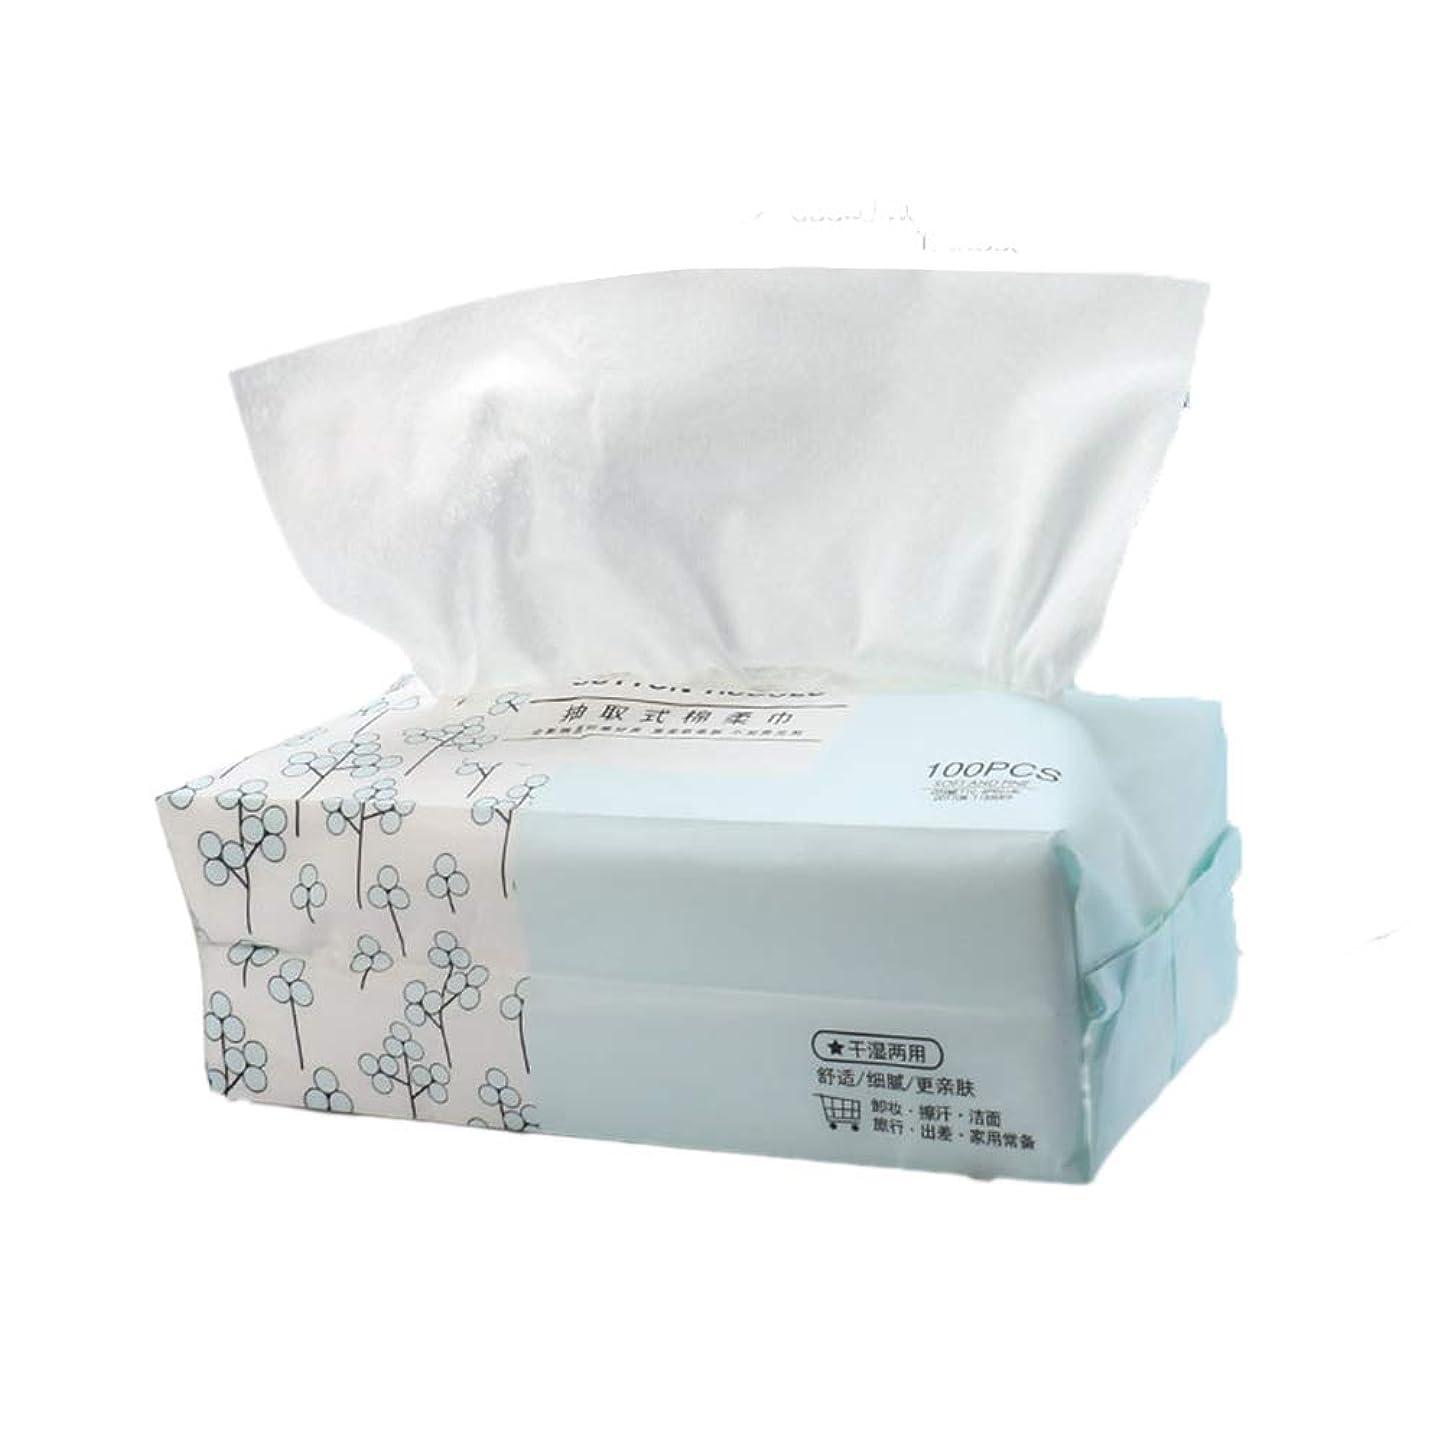 合図情報医療のLurrose 化粧品の綿のパッドを洗うための100個の使い捨てタオルは、フェイスタオルを拭く拭き取りを構成します